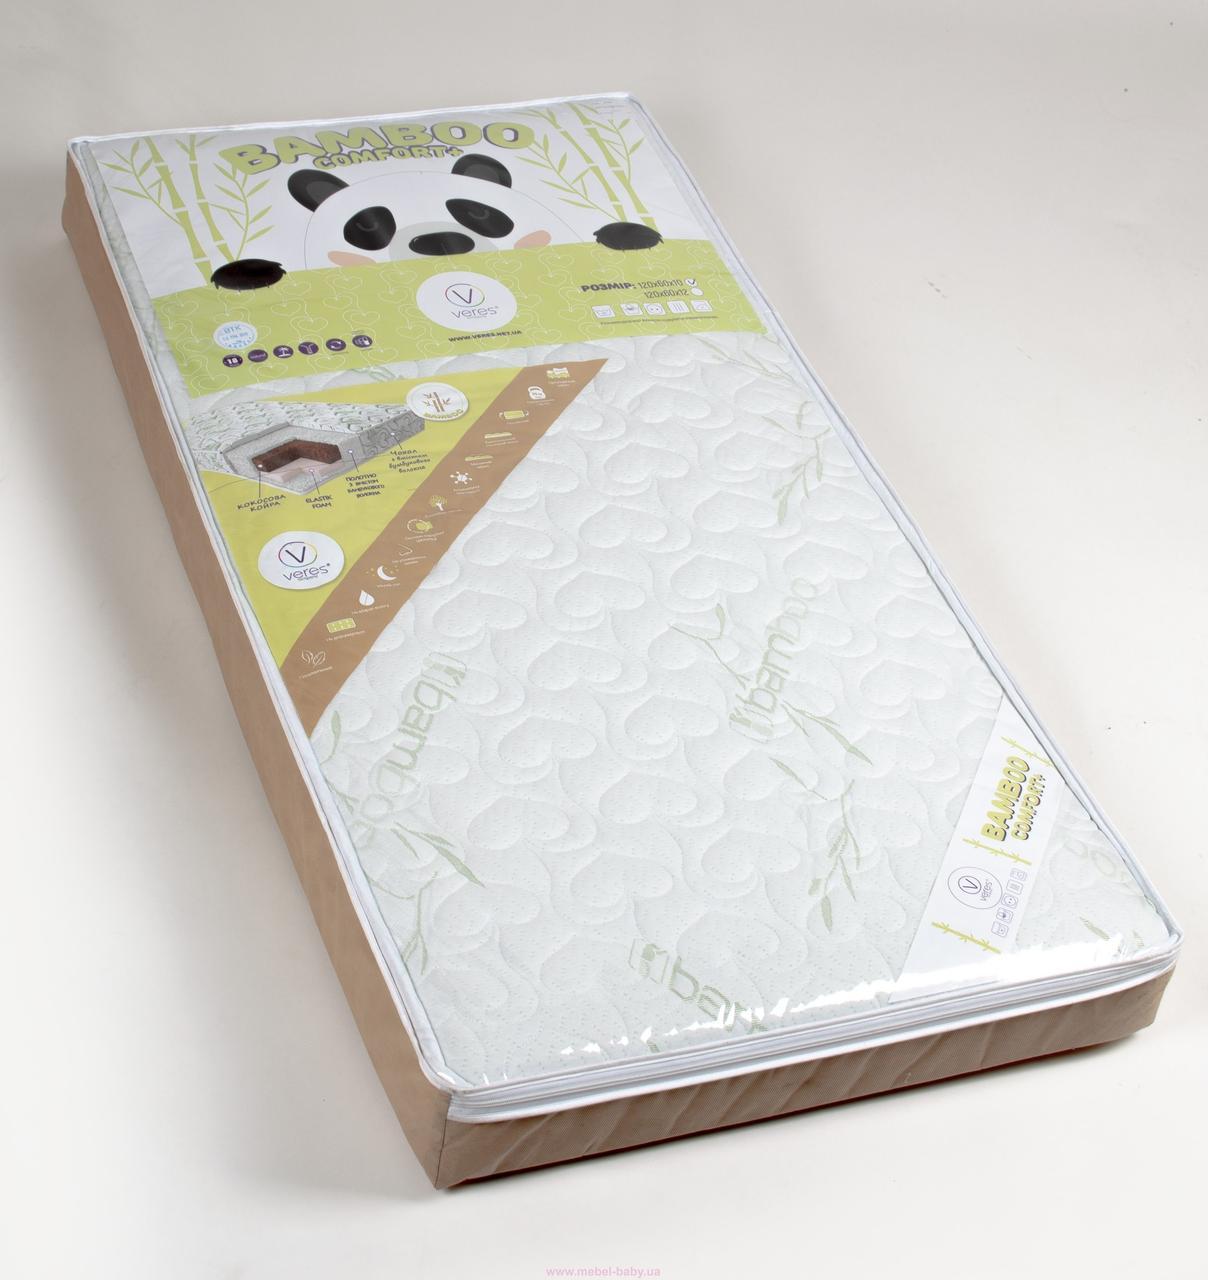 Матрас Veres Bamboo Comfort +. 2х сторонний детский матрас (120*60*10 см) с дефектом